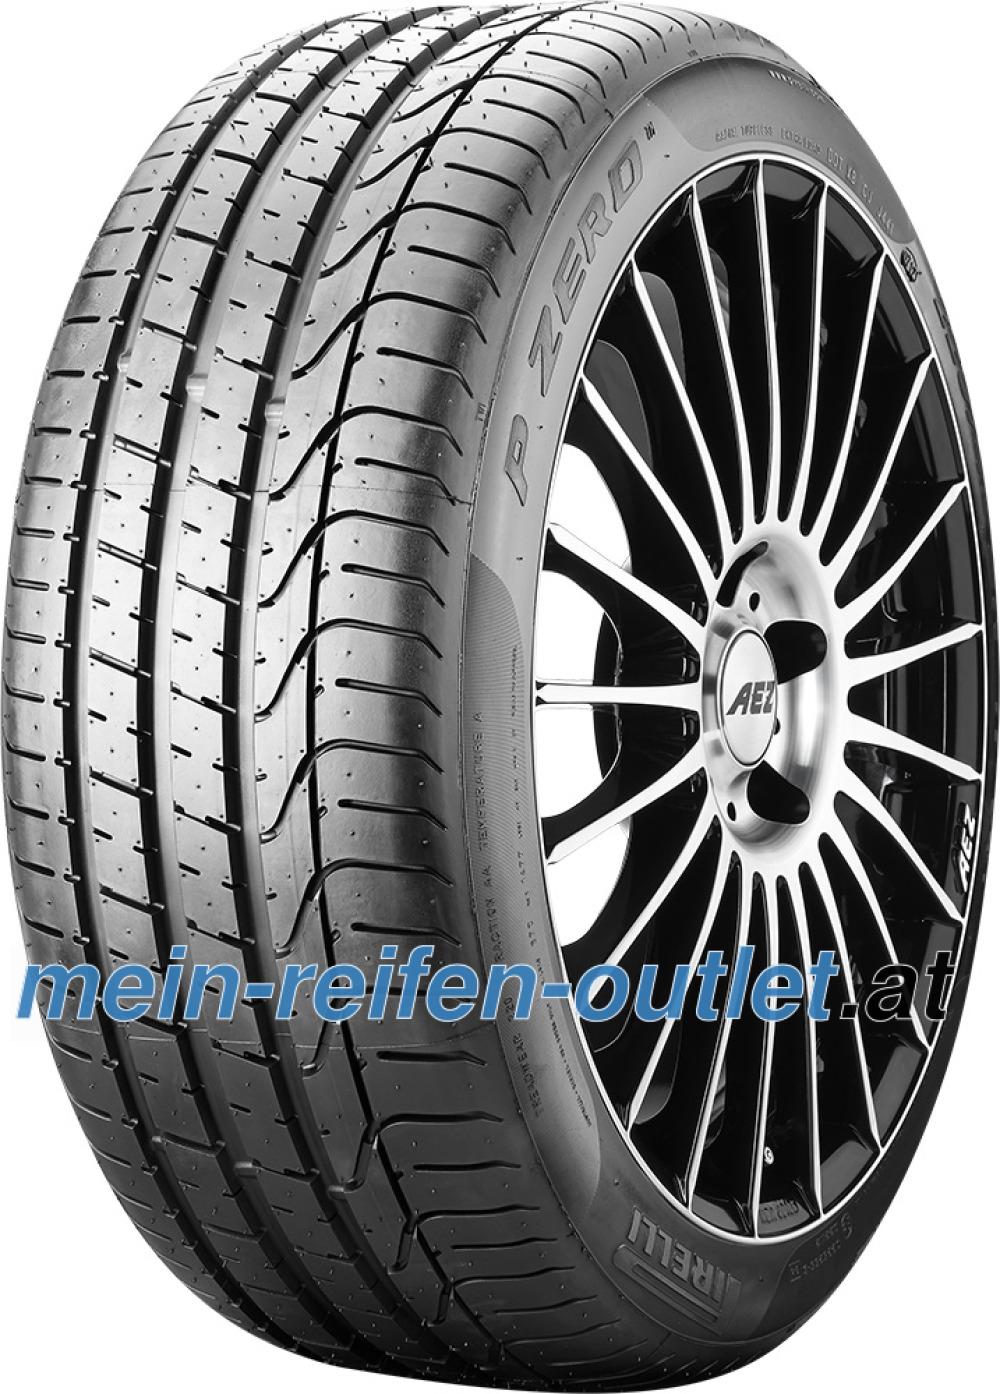 Pirelli P Zero ( P265/30 ZR20 94Y XL RO1, mit Felgenschutz (MFS) )